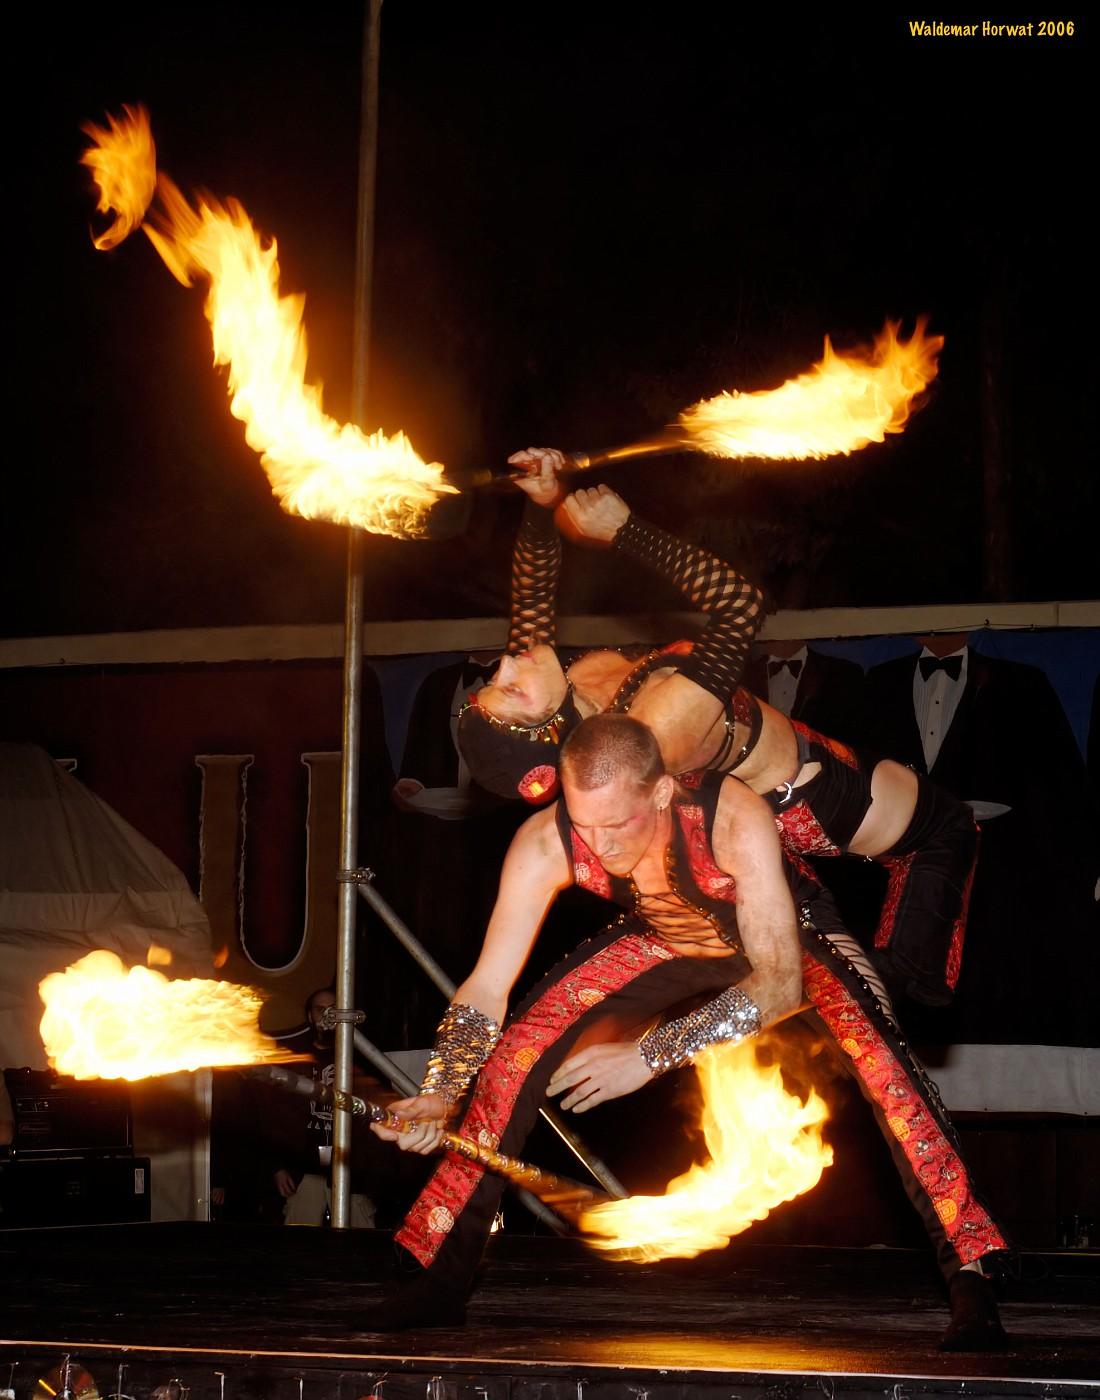 Sexy Bitch & Flame Gypsy